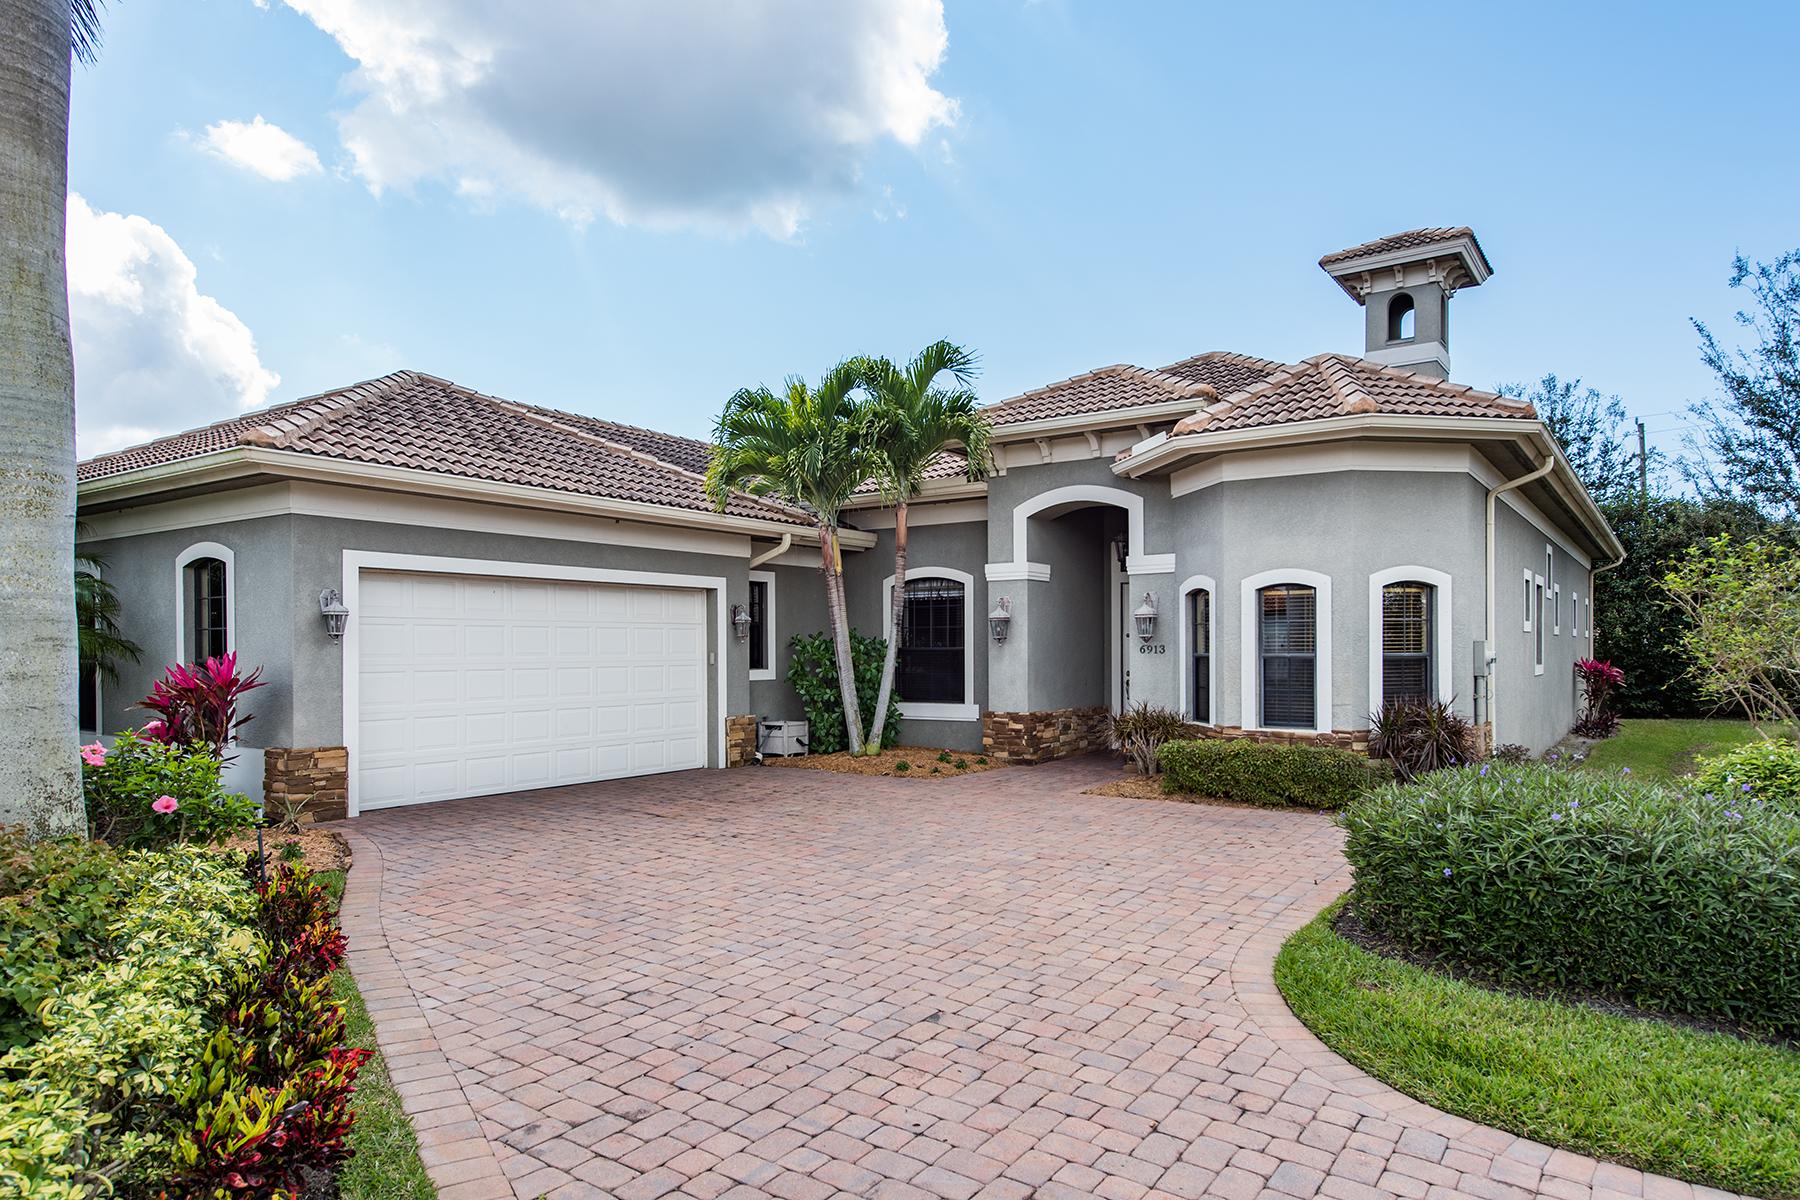 Maison unifamiliale pour l Vente à IL REGALO CIRCLE - IL REGALO 6913 Il Regalo Cir Naples, Florida, 34109 États-Unis